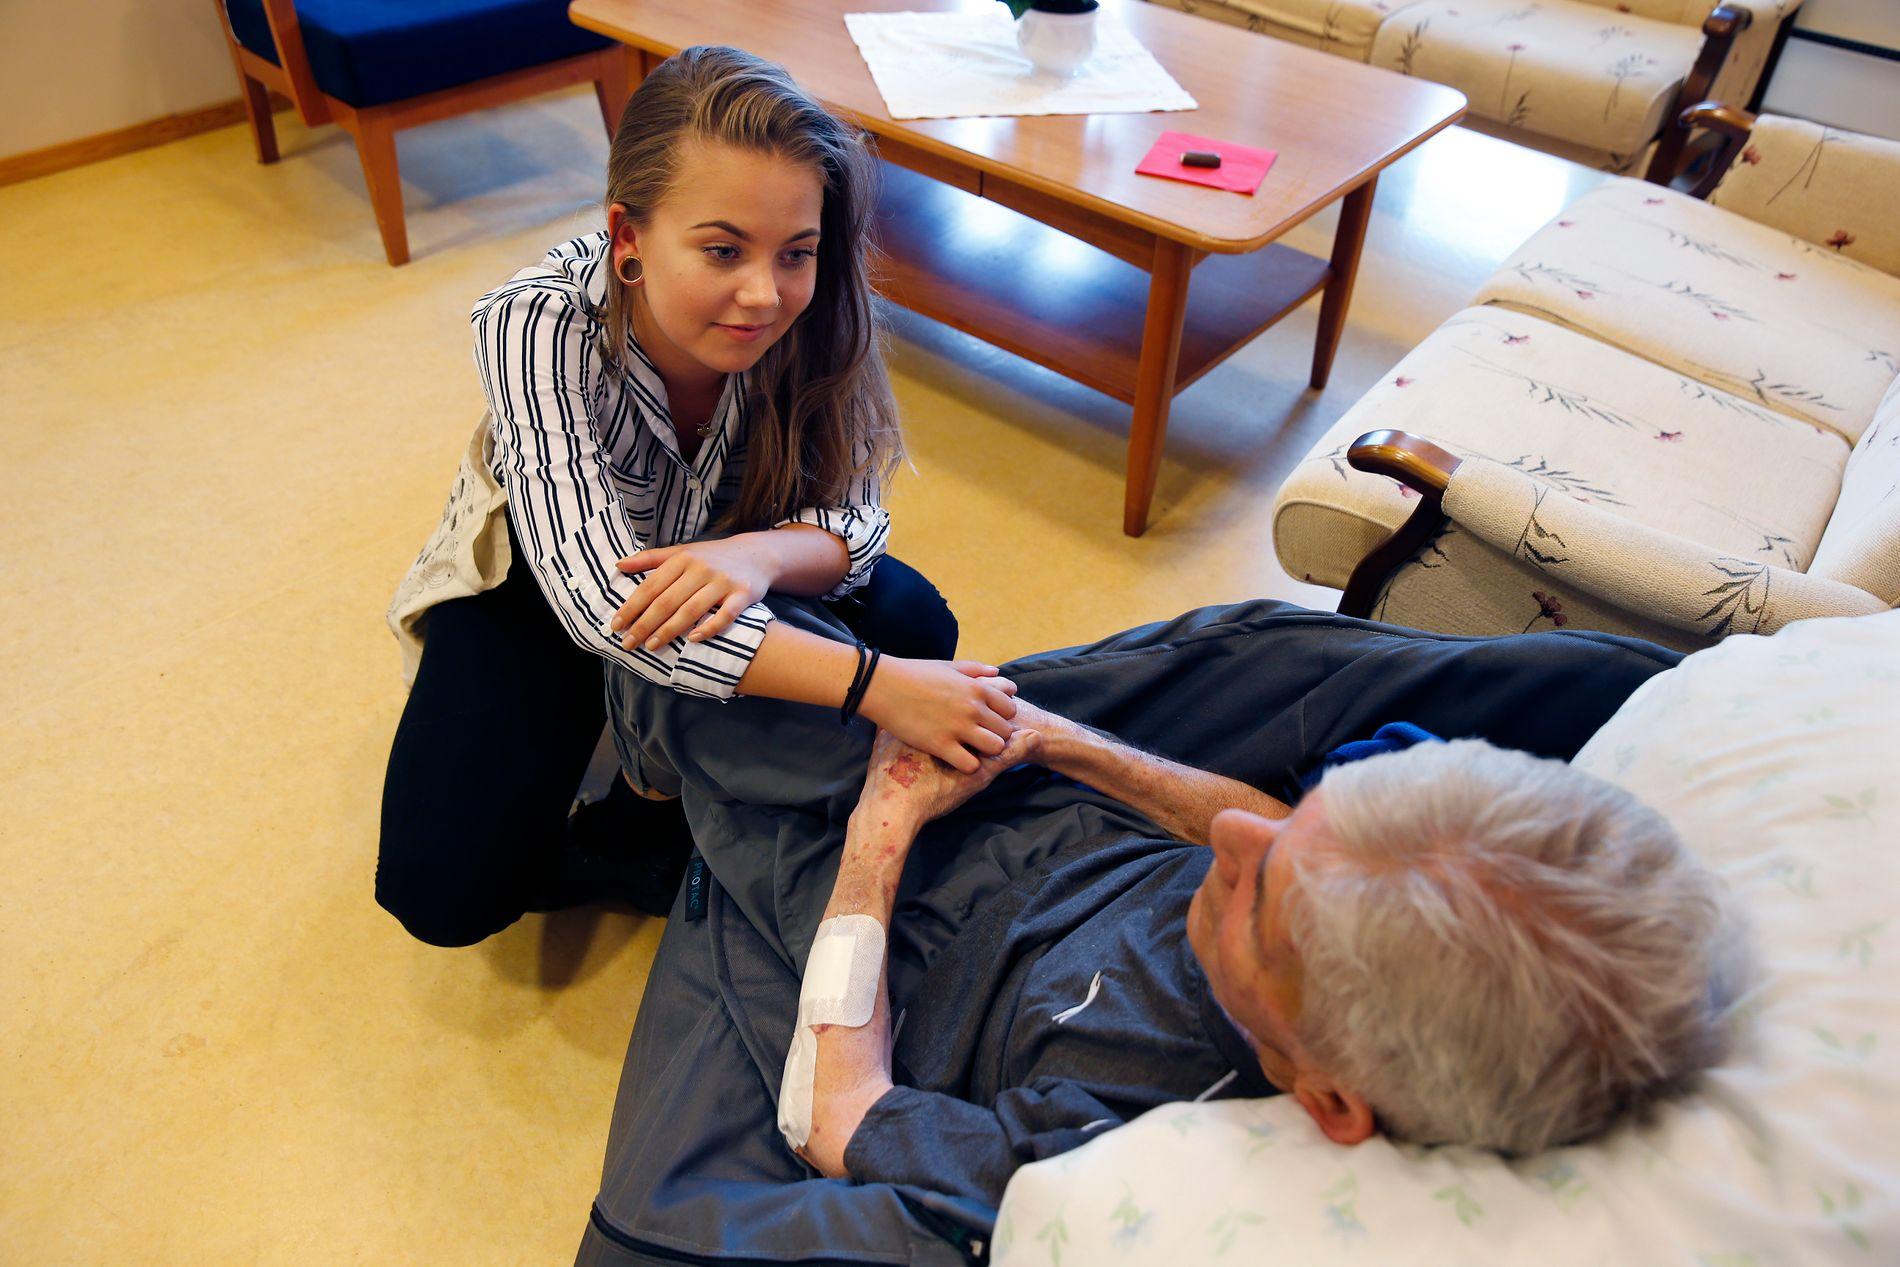 FINE STUNDER: Victoria Frelsøy besøker sin demente far på Åråsen bo- og behandlingssenter i Lillestrøm. – Det er vanskelig å ha en far med demens, men vi har mange fine stunder sammen også, sier 19-åringen.